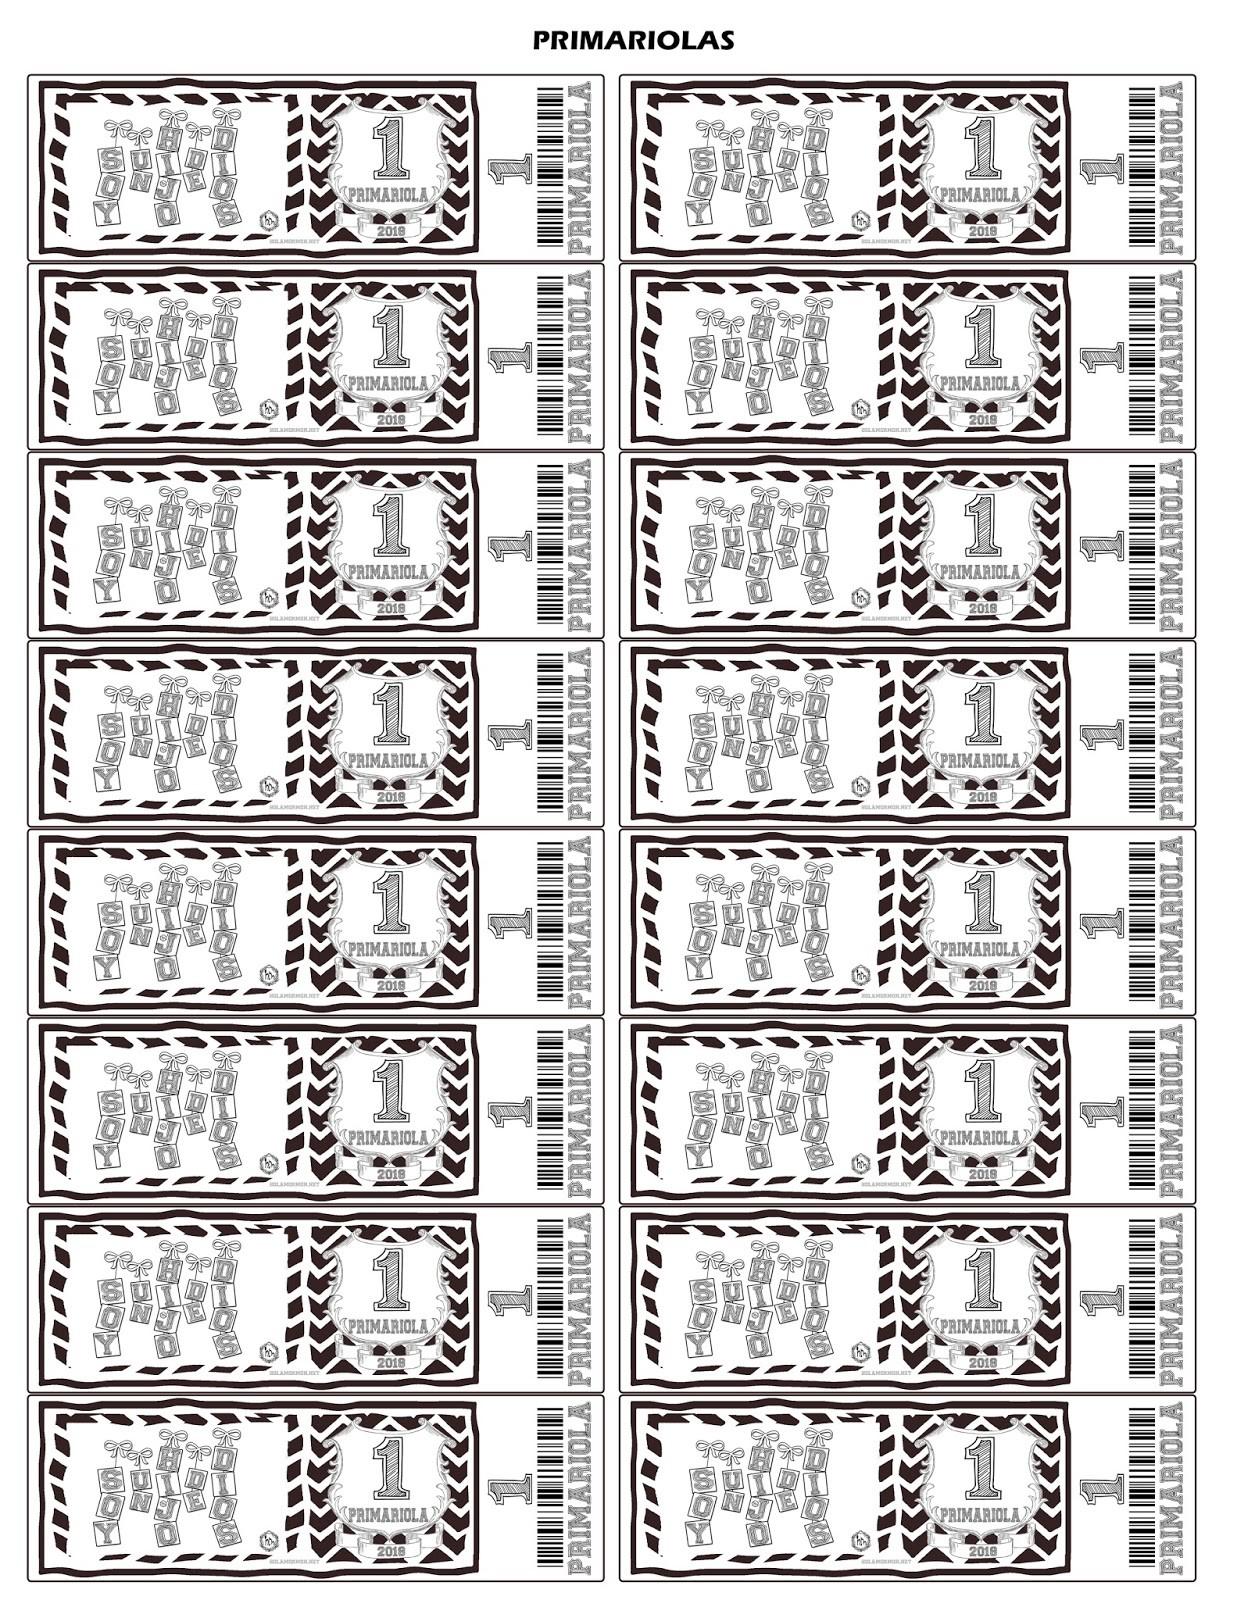 Calendario Mensual 2019 Para Imprimir Word Recientes Holamormon3 Primaria Lds Sud 2018 Of Calendario Mensual 2019 Para Imprimir Word Recientes Calendario 2016 Imprimibles Pinterest